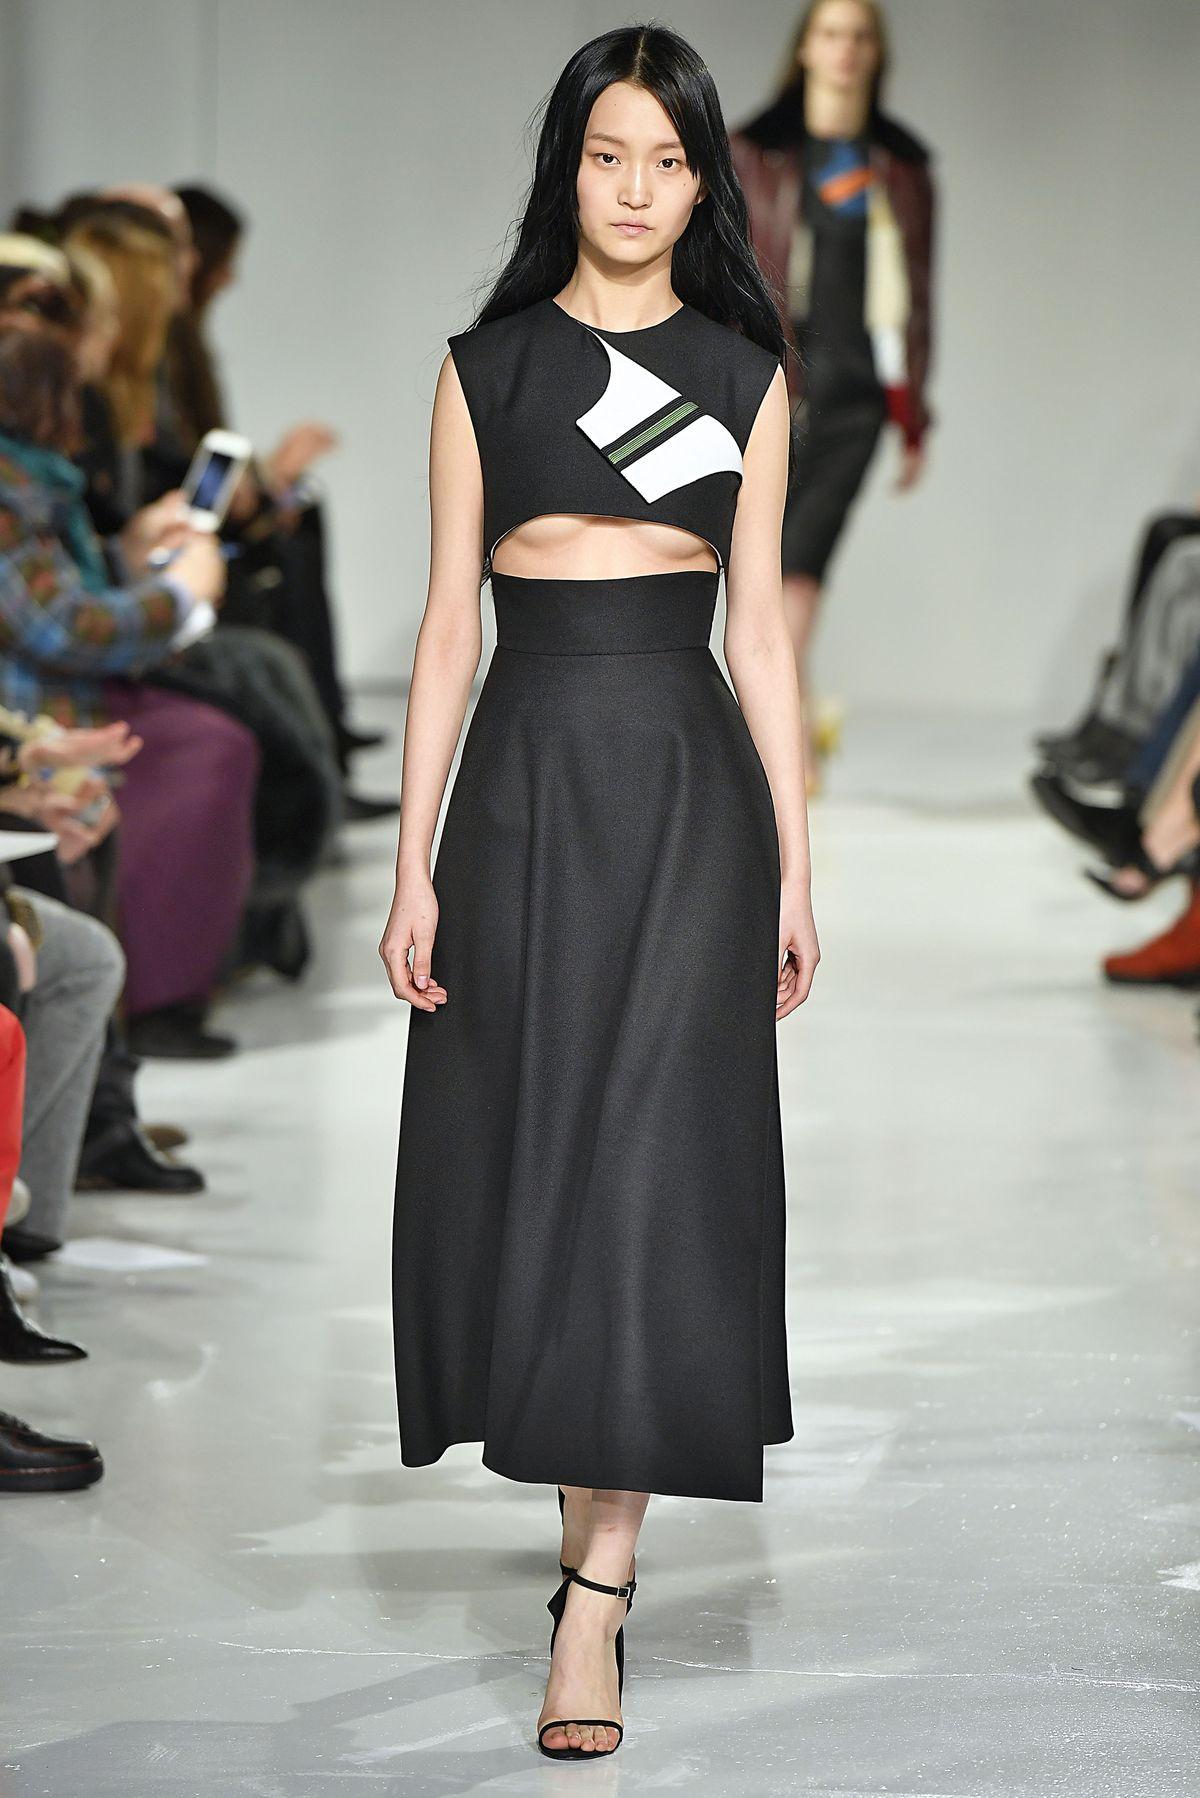 Dieses Kleid mit Underboob-Cut-Out in Kombination mit High Waist-Rock ist ein echter Hingucker bei Calvin Klein